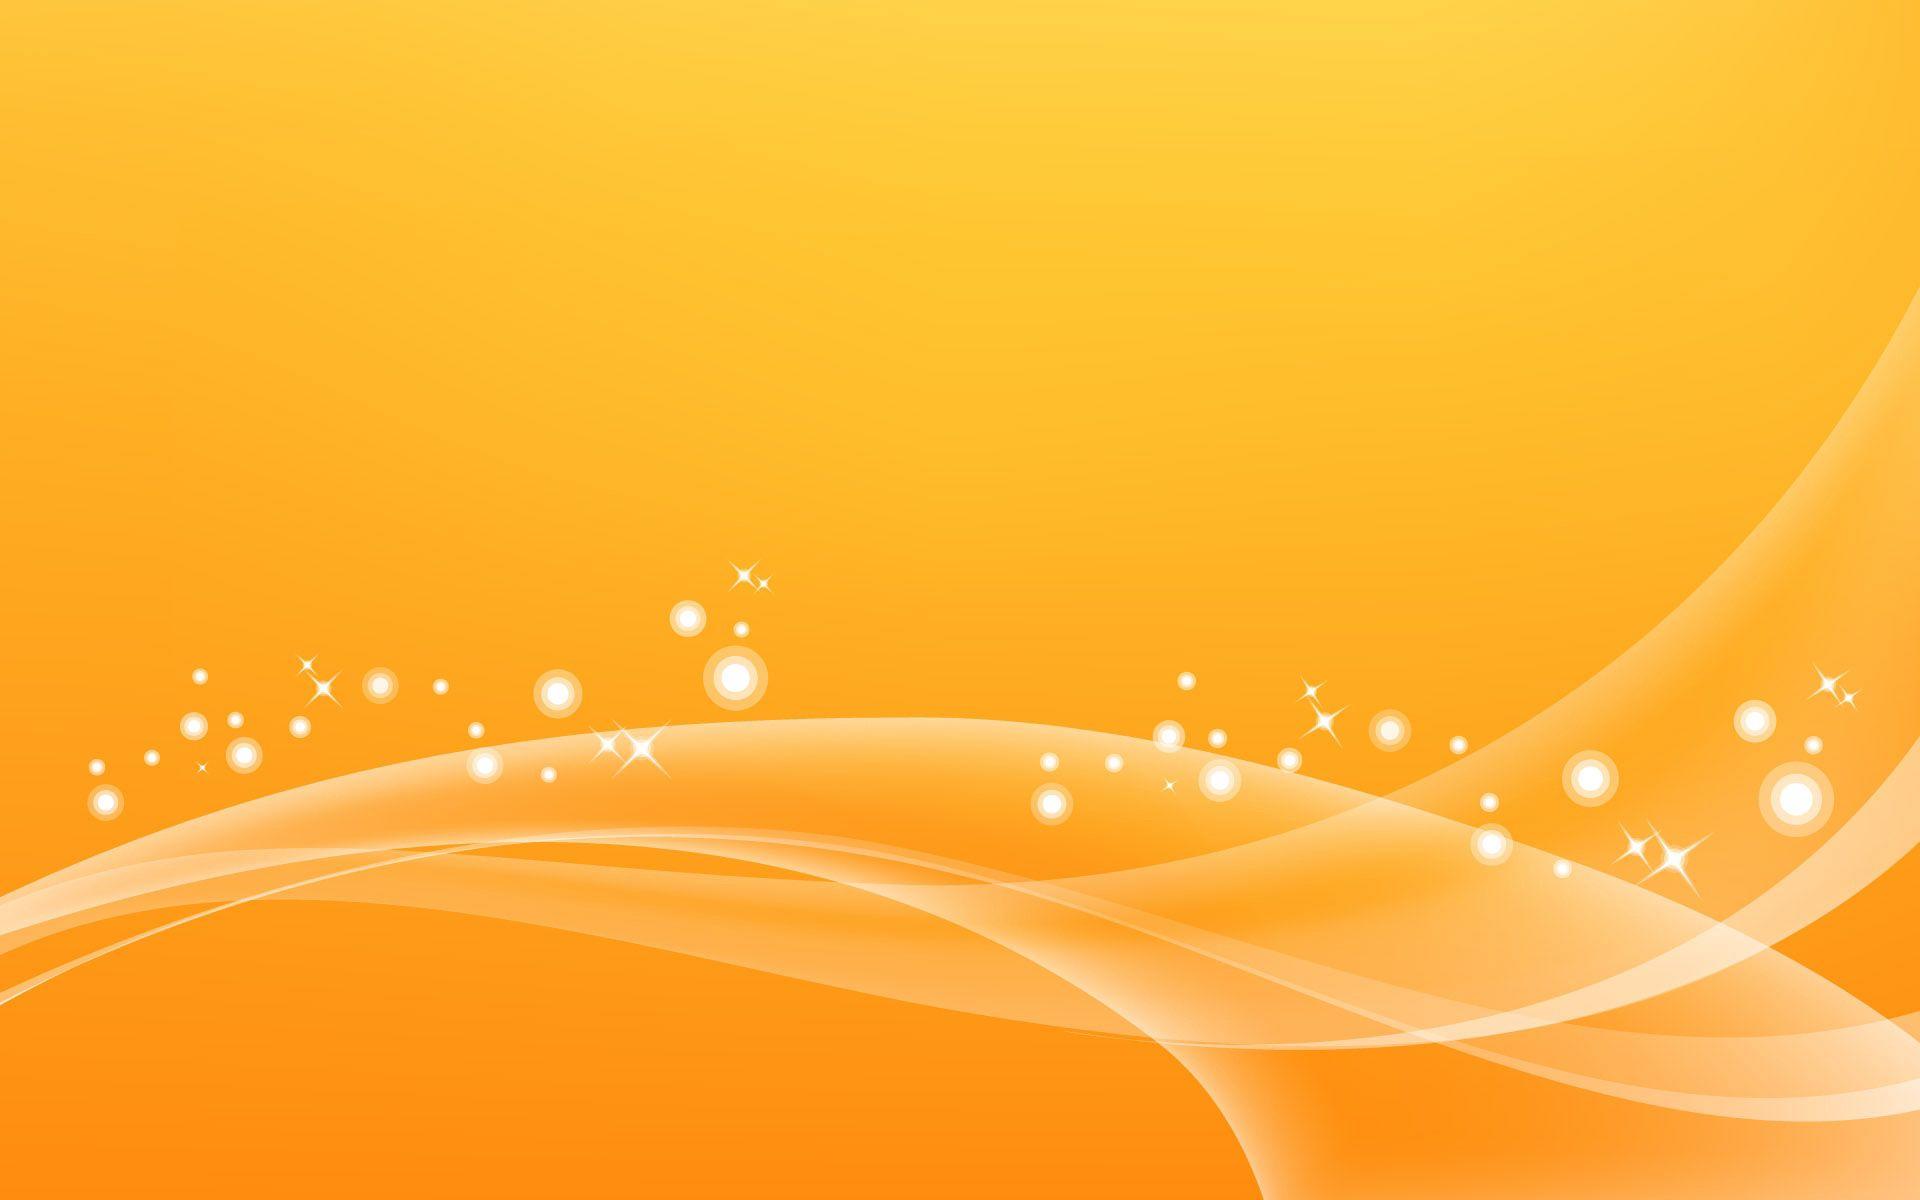 75452 Hintergrundbild herunterladen Scheinen, Abstrakt, Licht, Linien, Brillanz - Bildschirmschoner und Bilder kostenlos